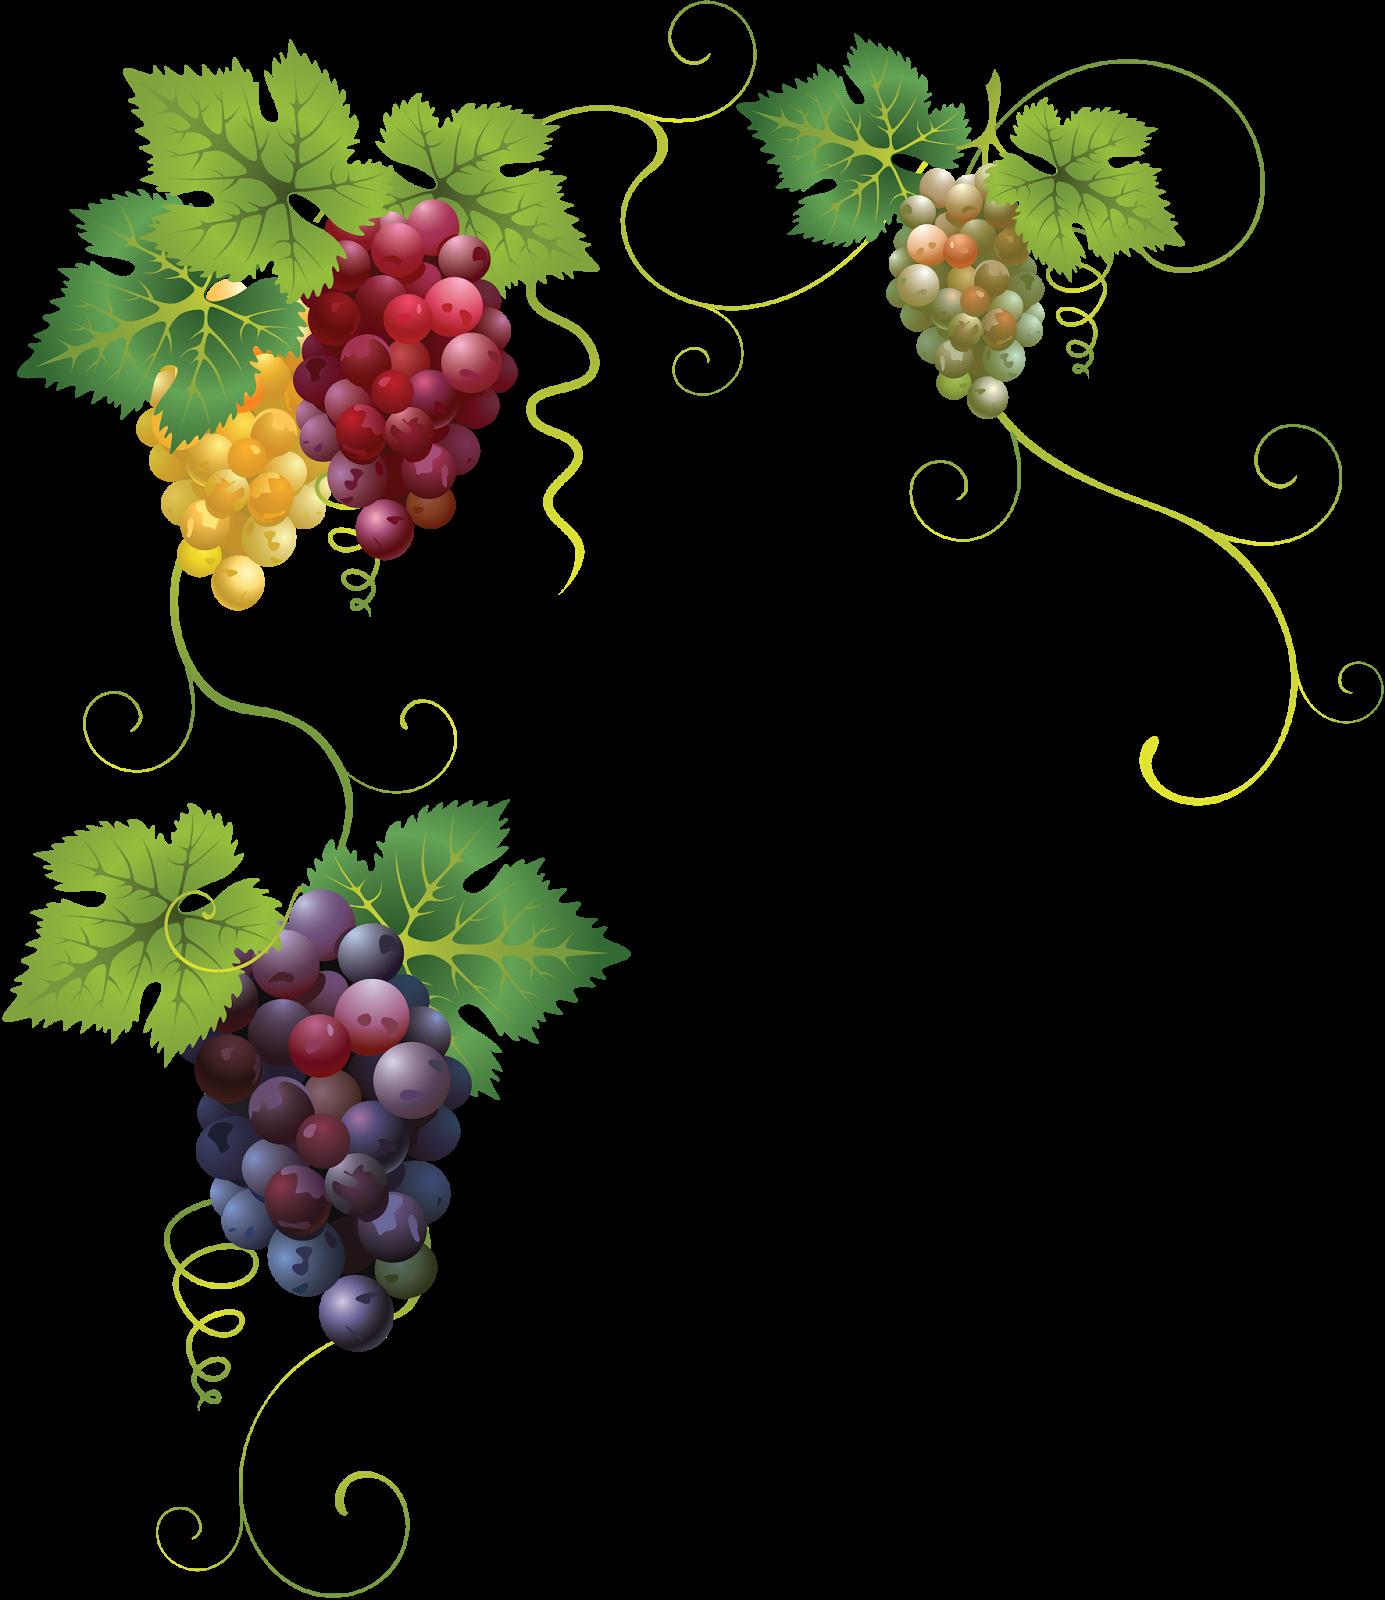 Виноградная лоза картинка для этикетки